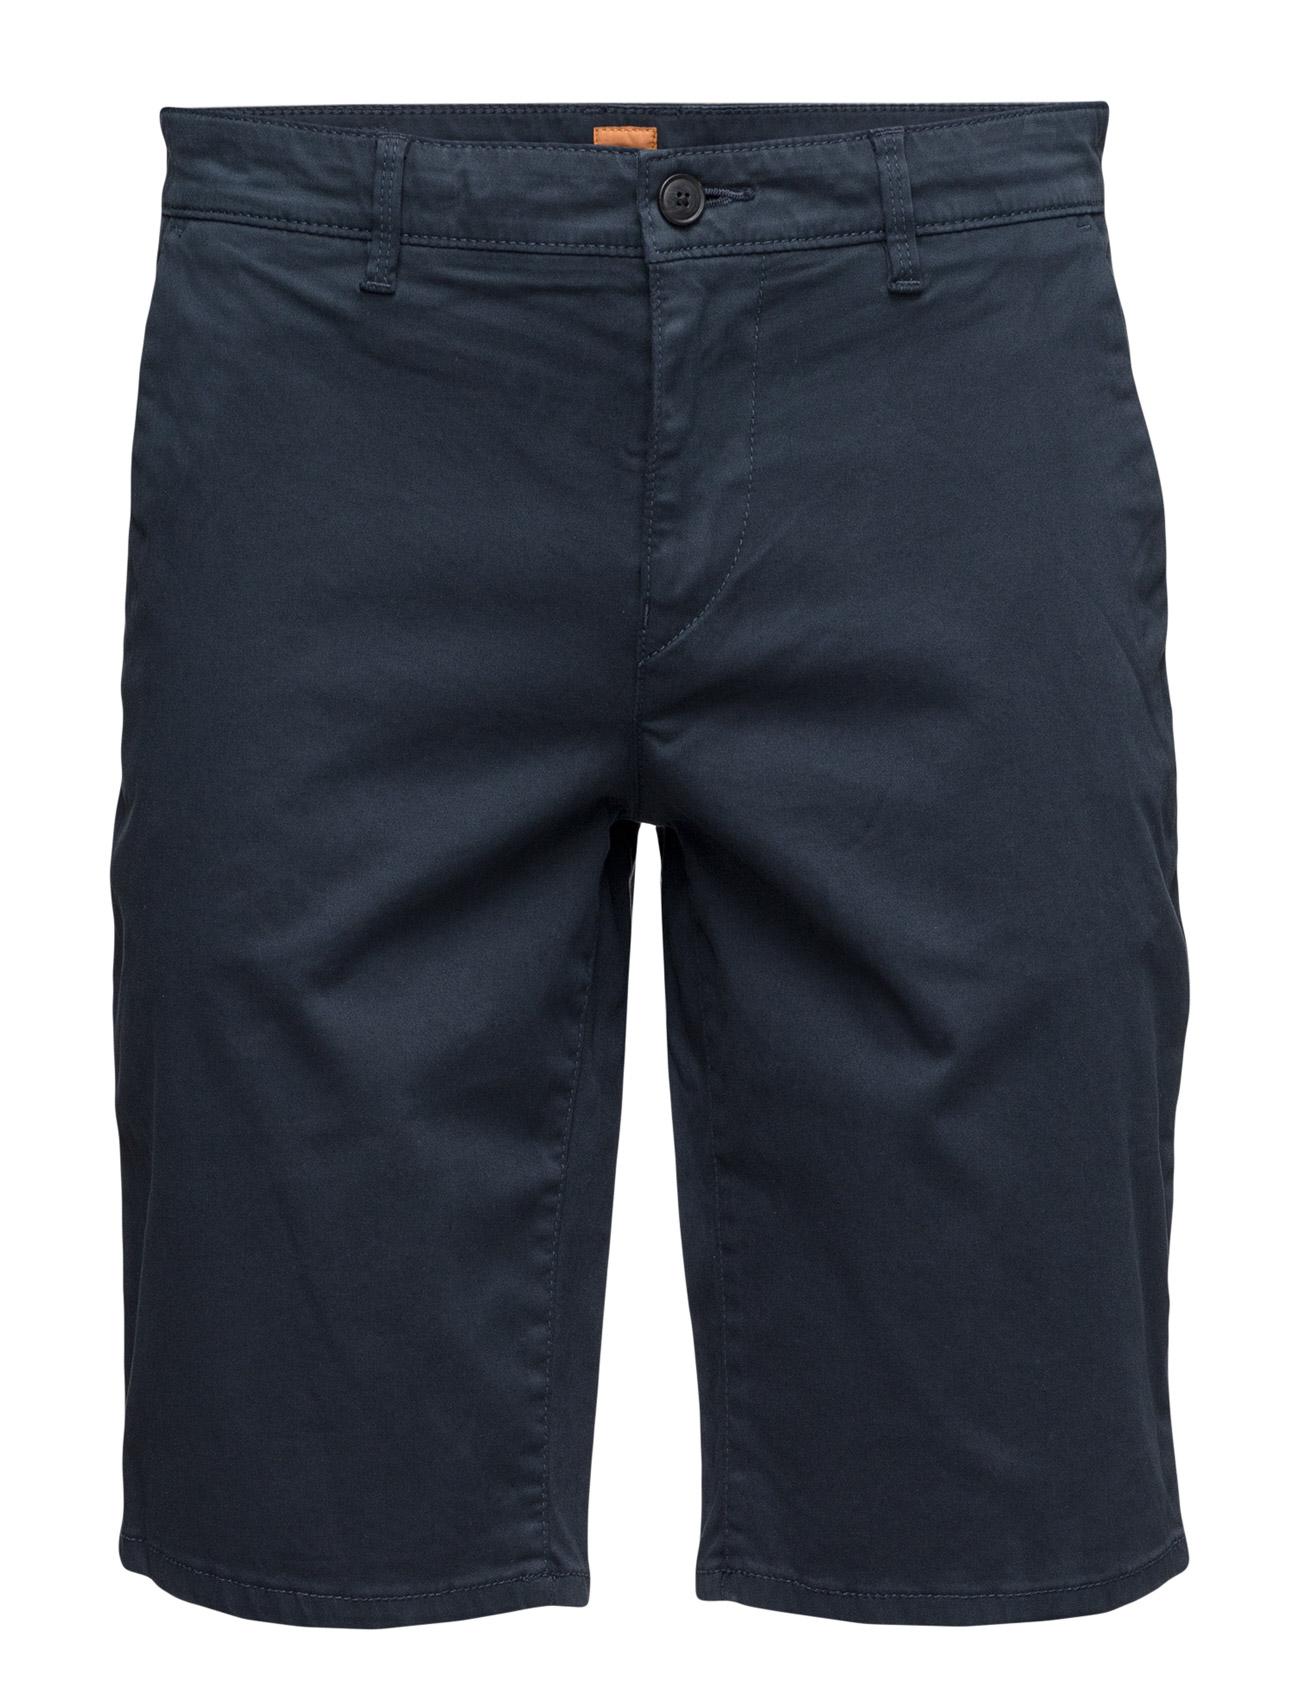 Schino-Slim-Shorts-D BOSS Orange Bermuda shorts til Mænd i Mørkeblå